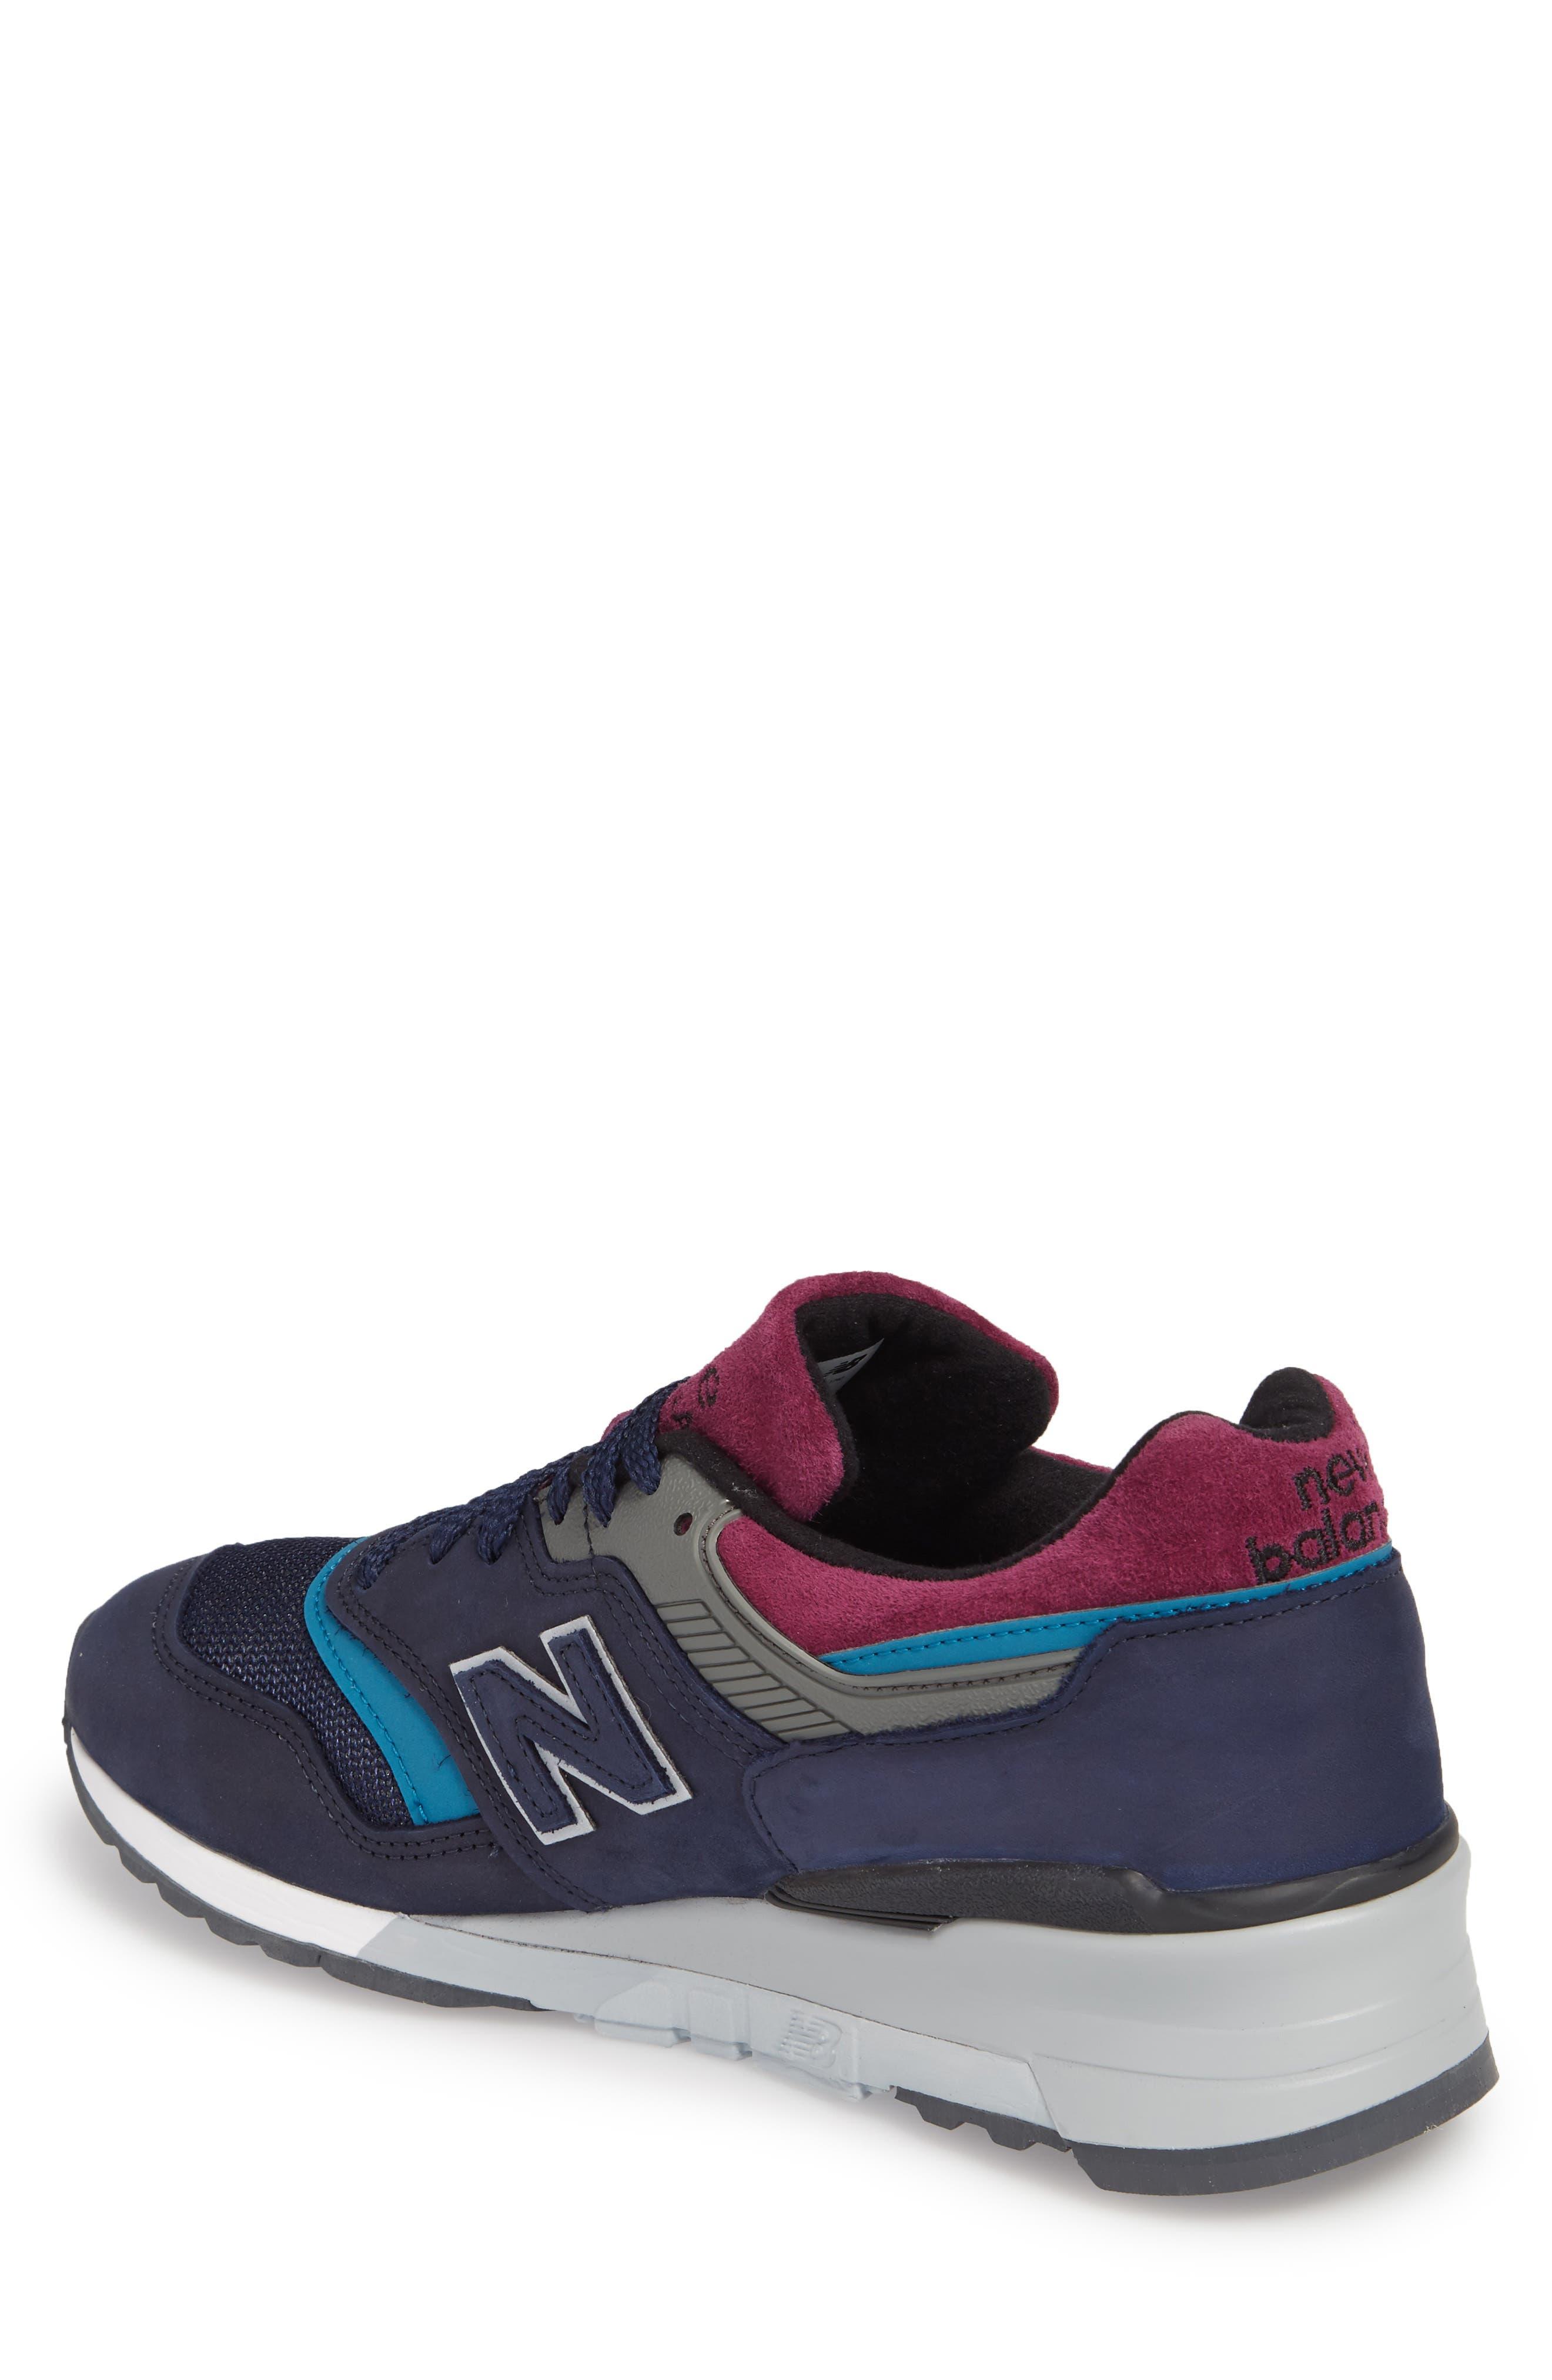 997 Sneaker,                             Alternate thumbnail 2, color,